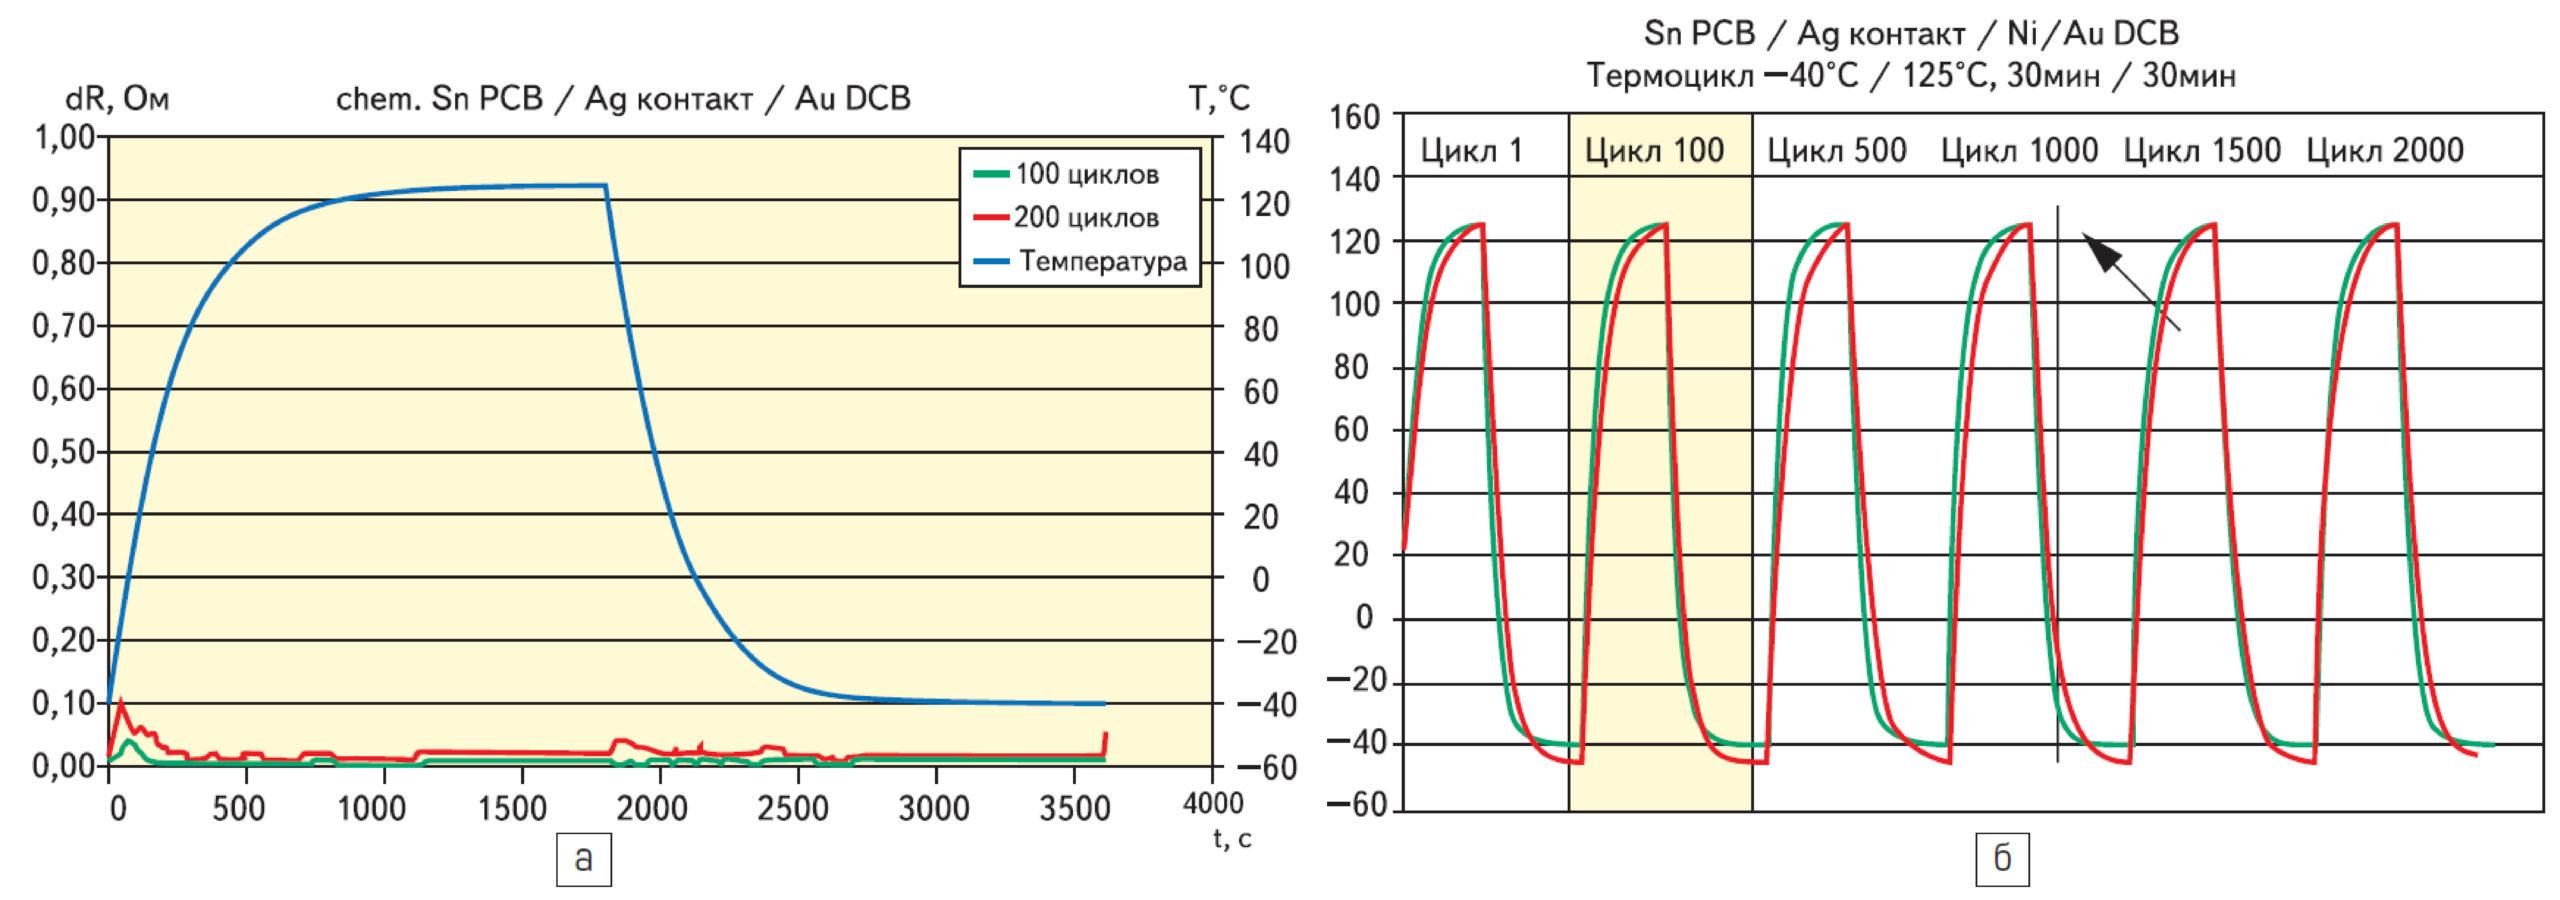 Тест на воздействие тепловых ударов (контакты модуля MiniSKiip II)